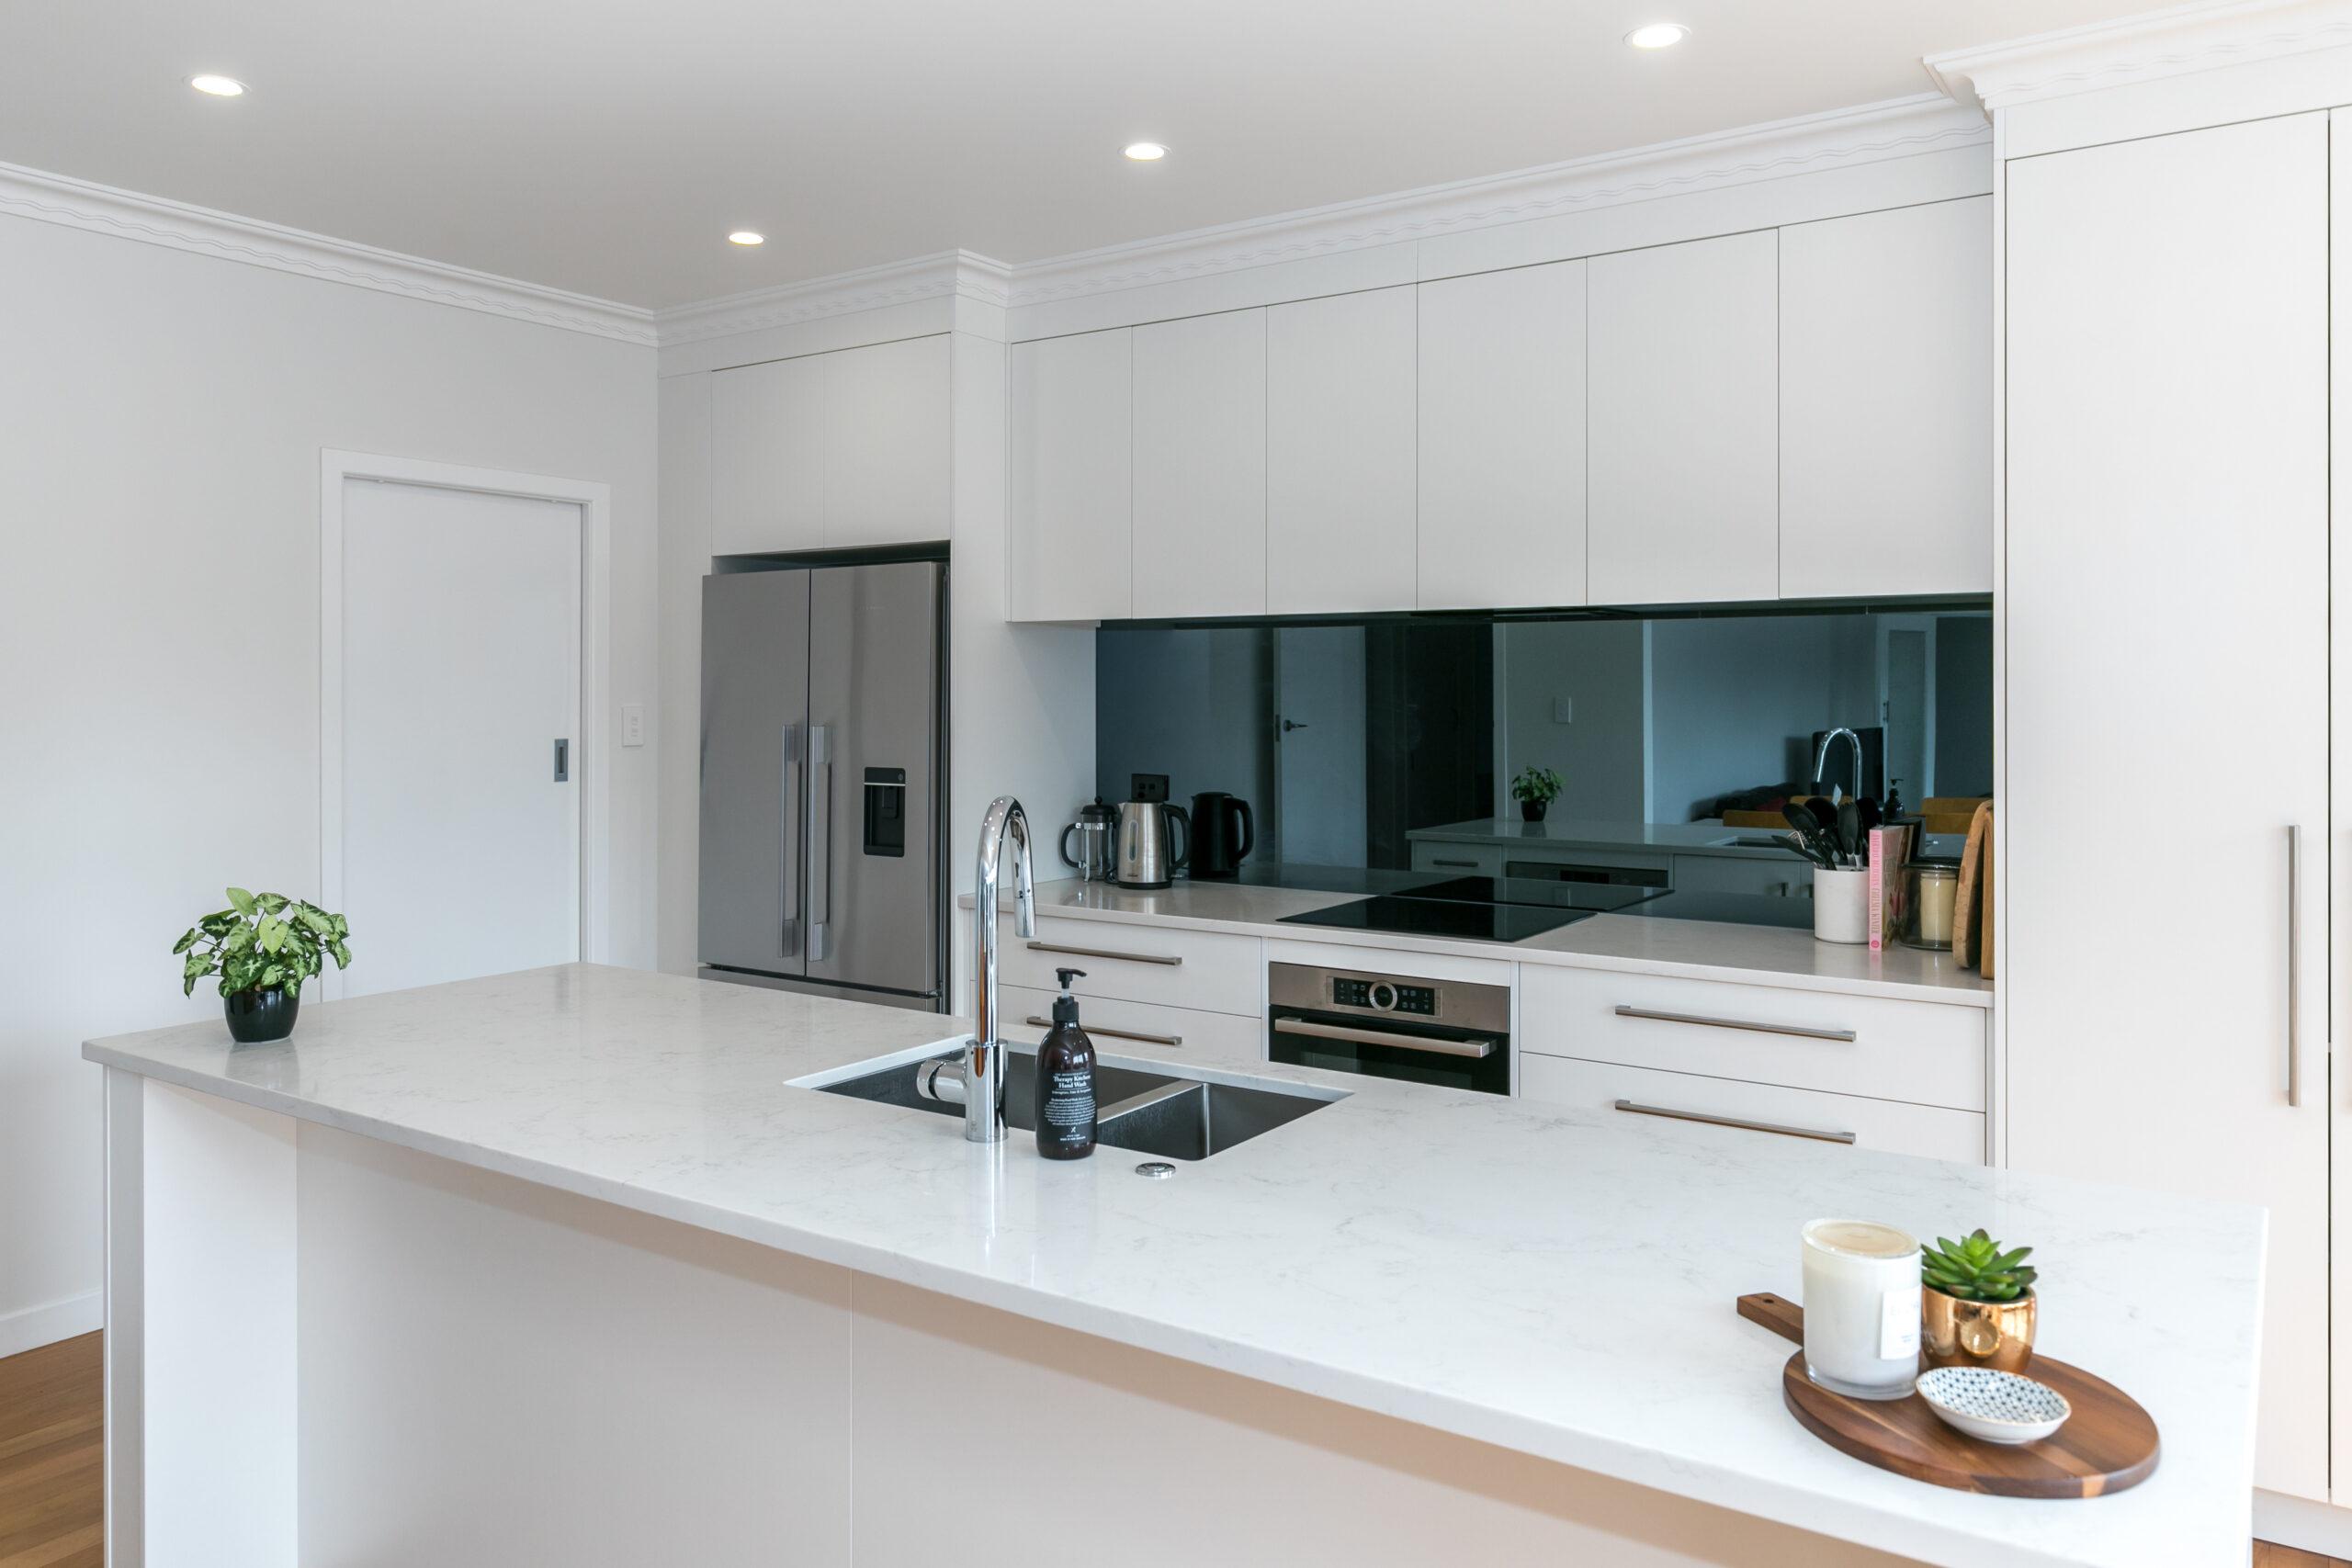 A recent kitchen reno – FULL KITCHEN RENO